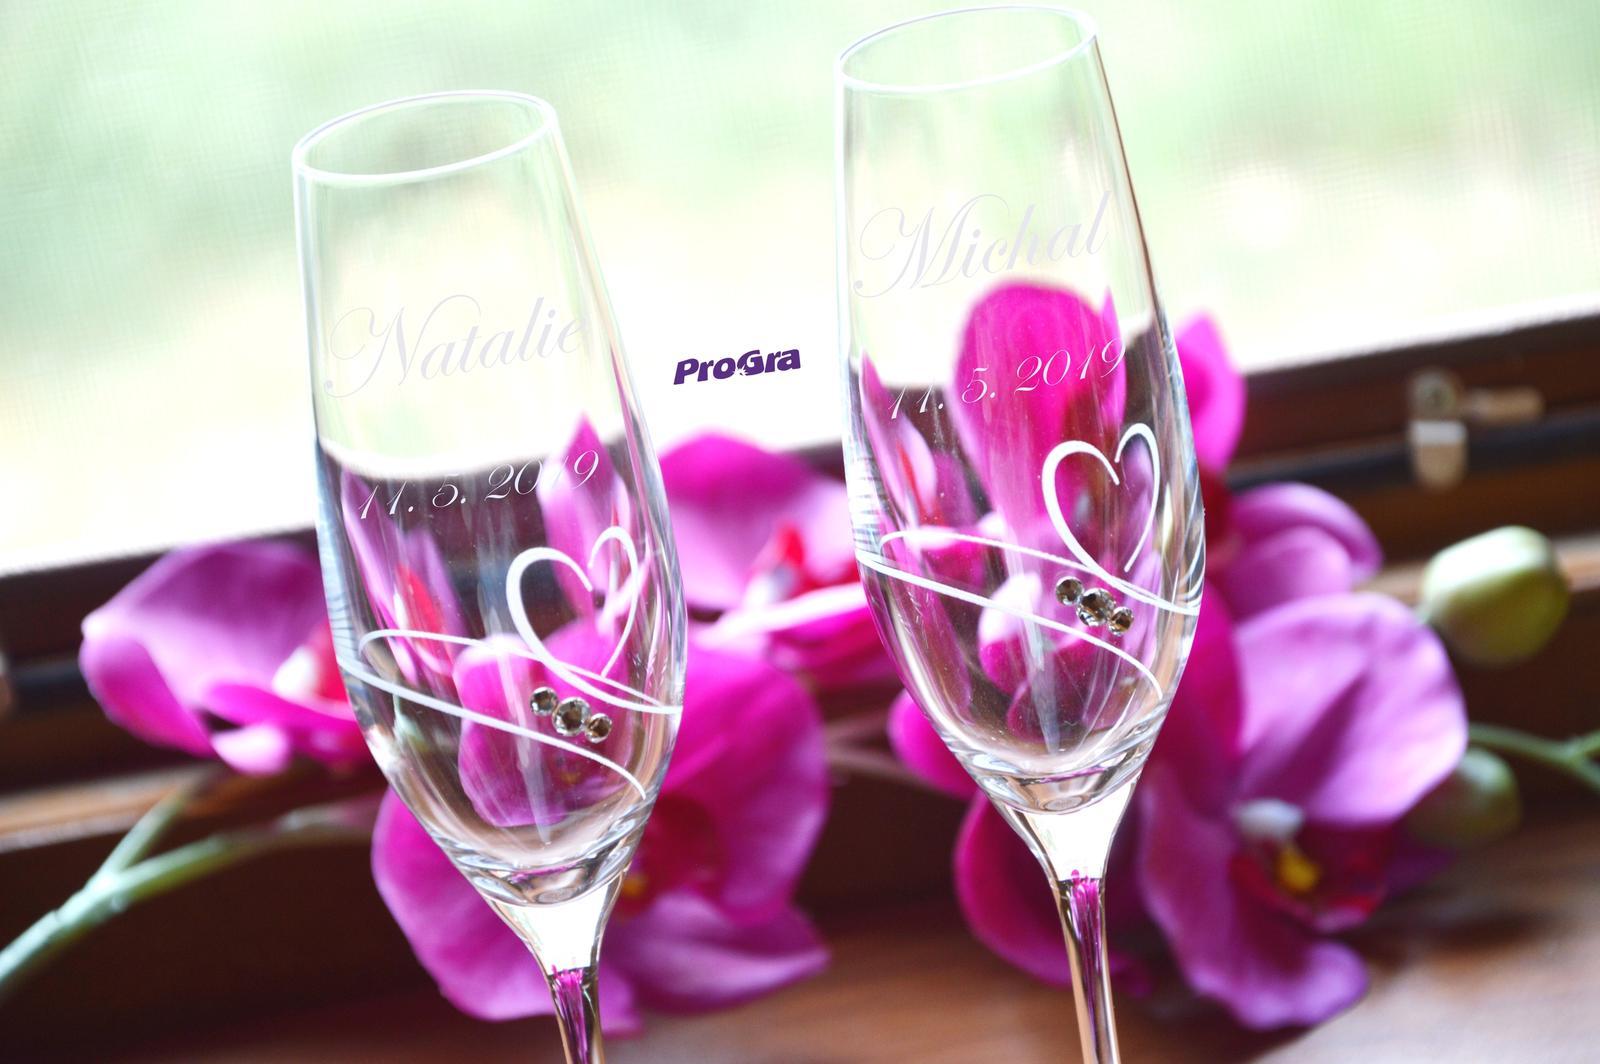 Natalie - svadobné poháre - 2ks - Obrázek č. 1